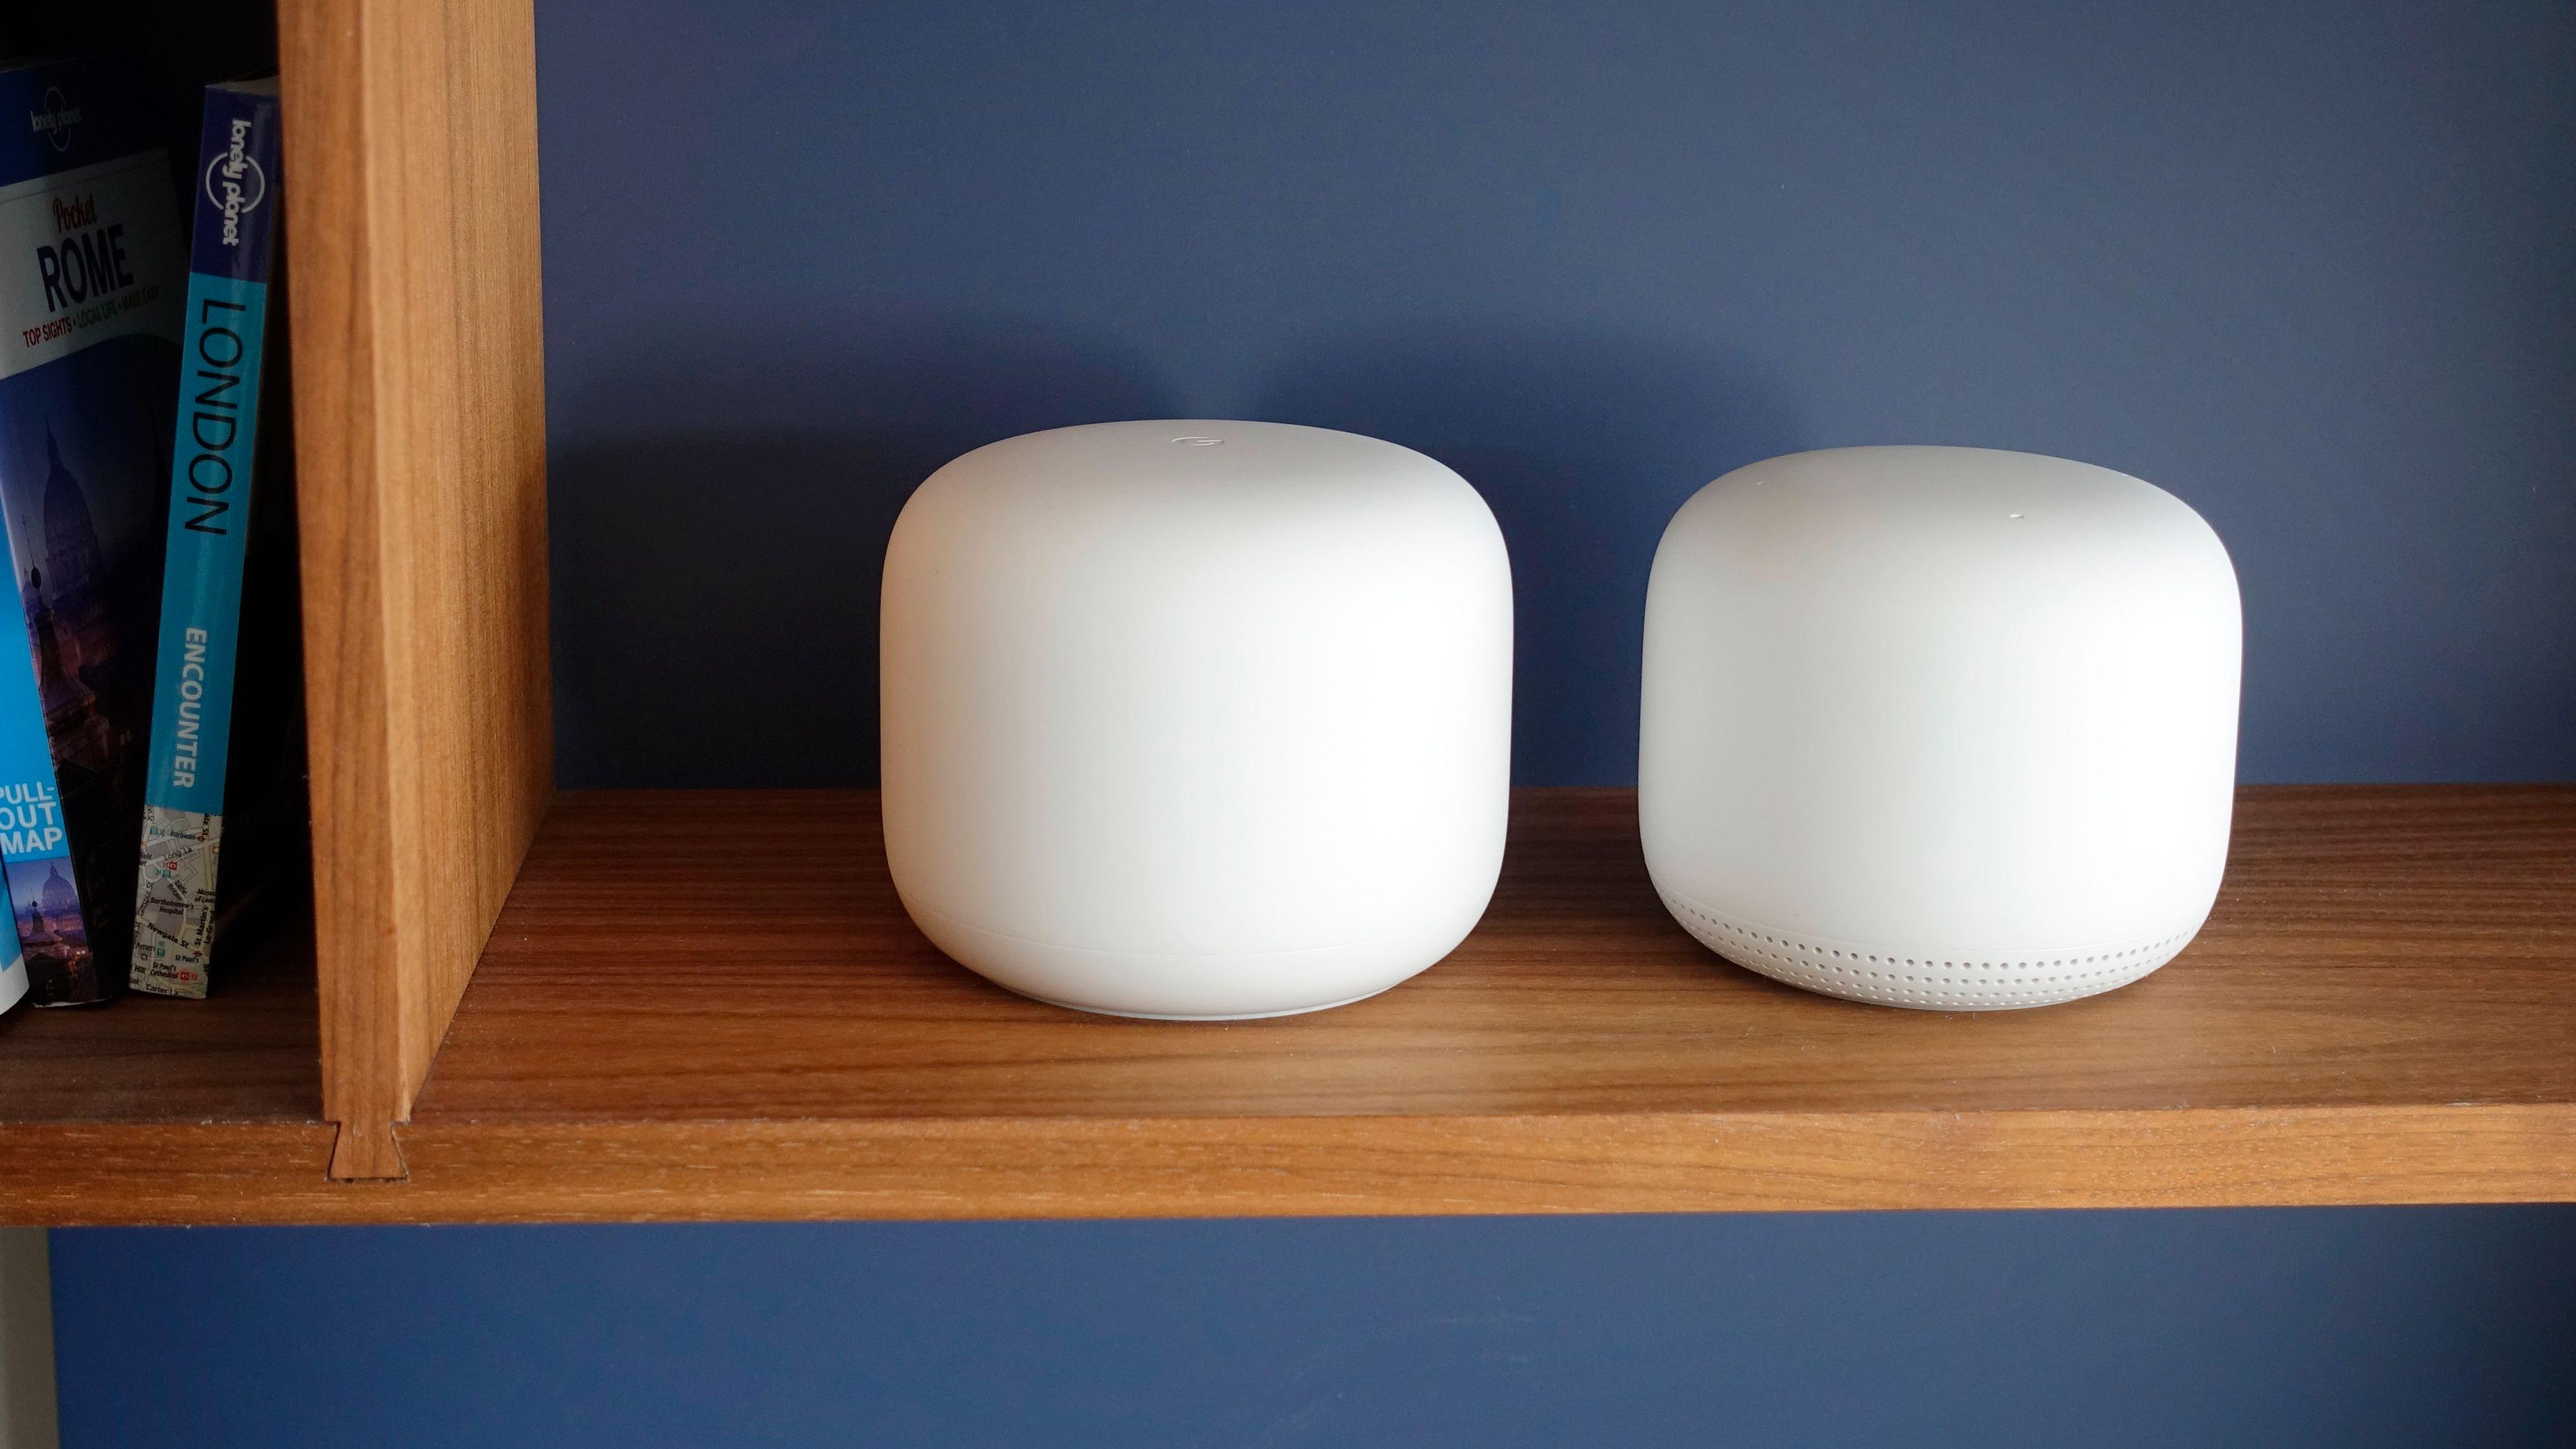 Nye Google Wifi er nå tilgjengelig i Norge. Vi har testet